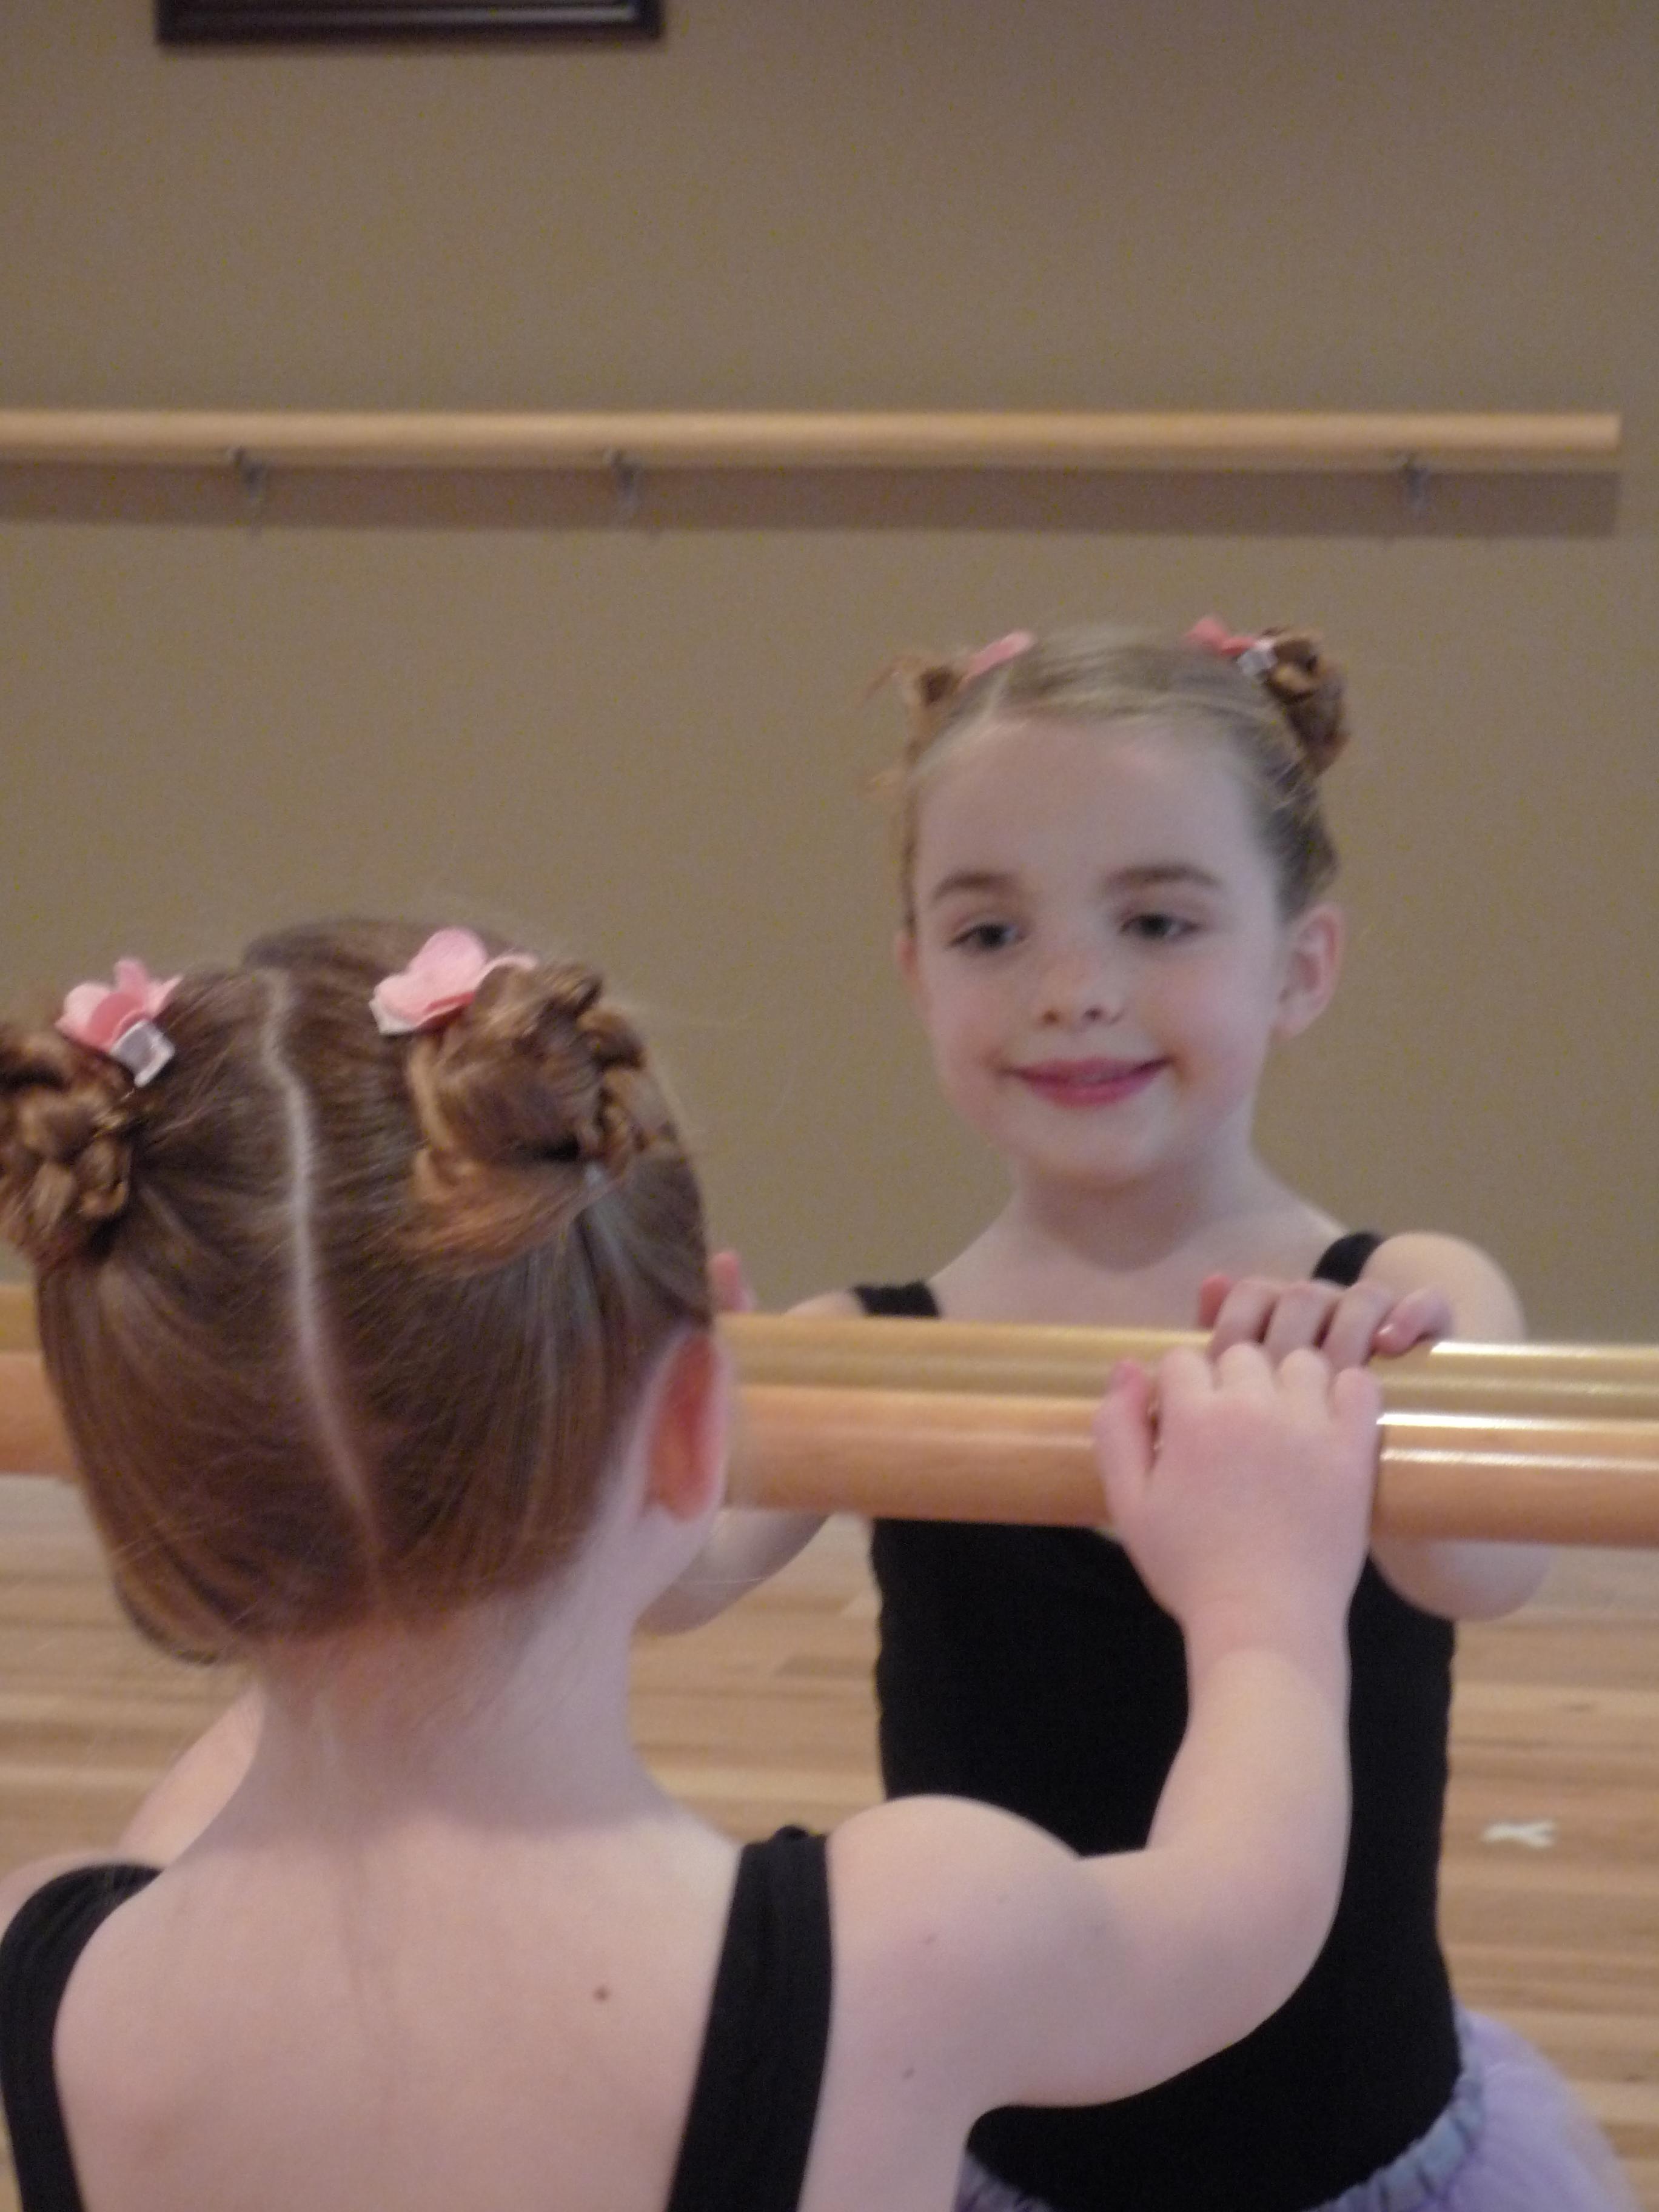 dancemaker pictures 058